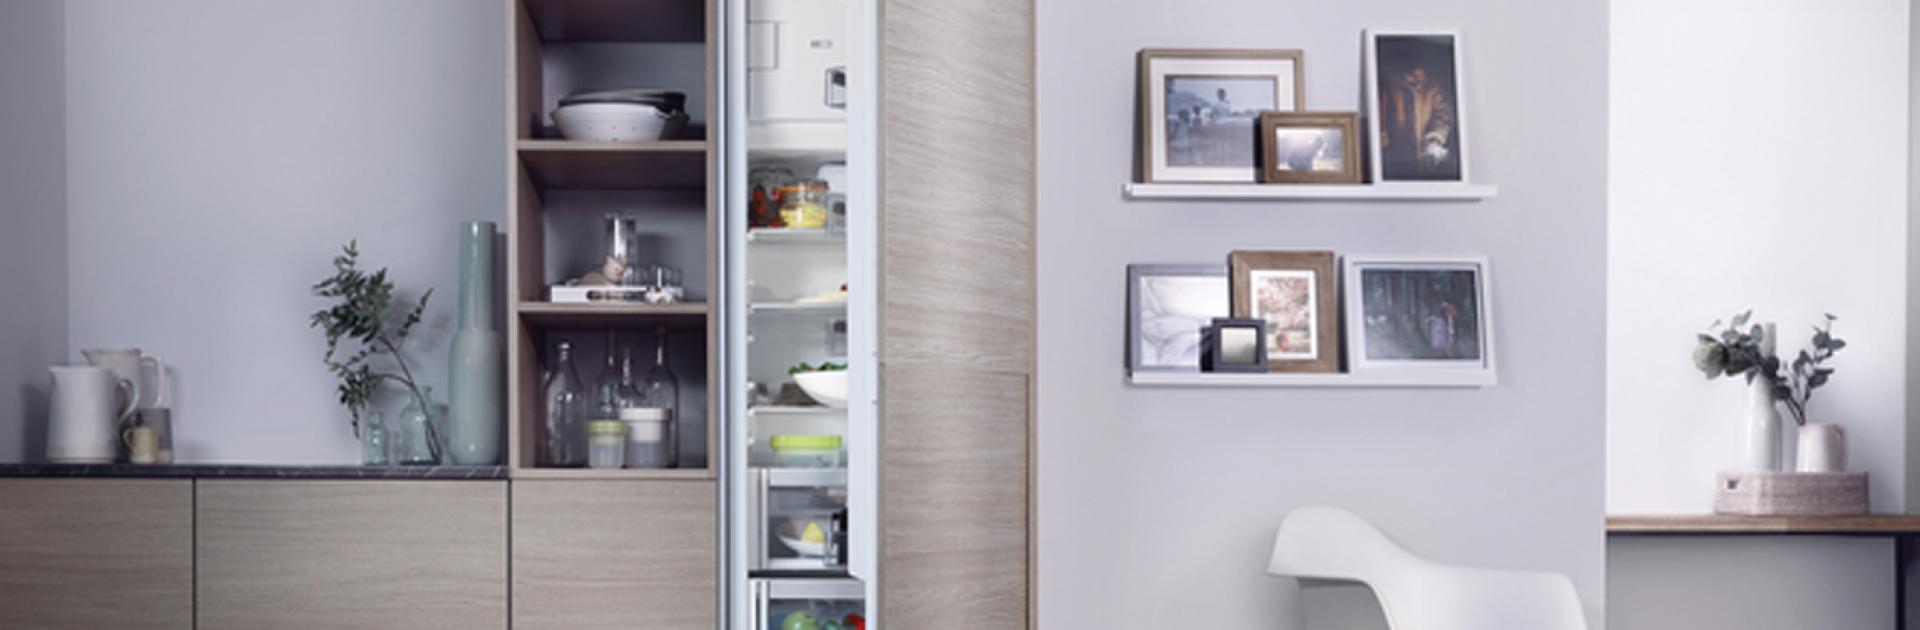 Keuken met Bauknecht apparatuur | Eigenhuis Keukens